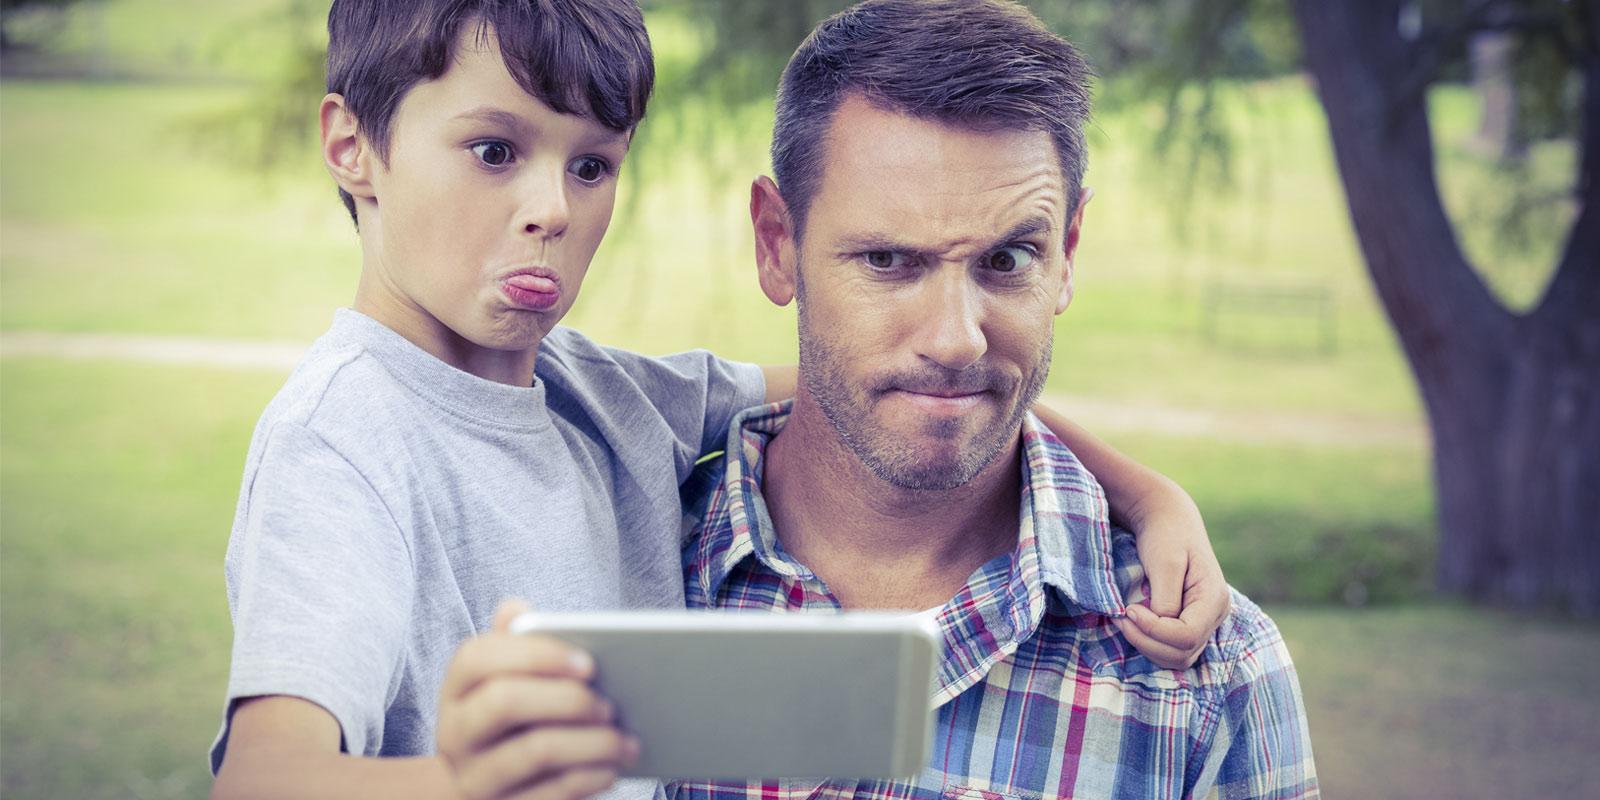 Tecnología y uso de smartphones hacen mejores papás